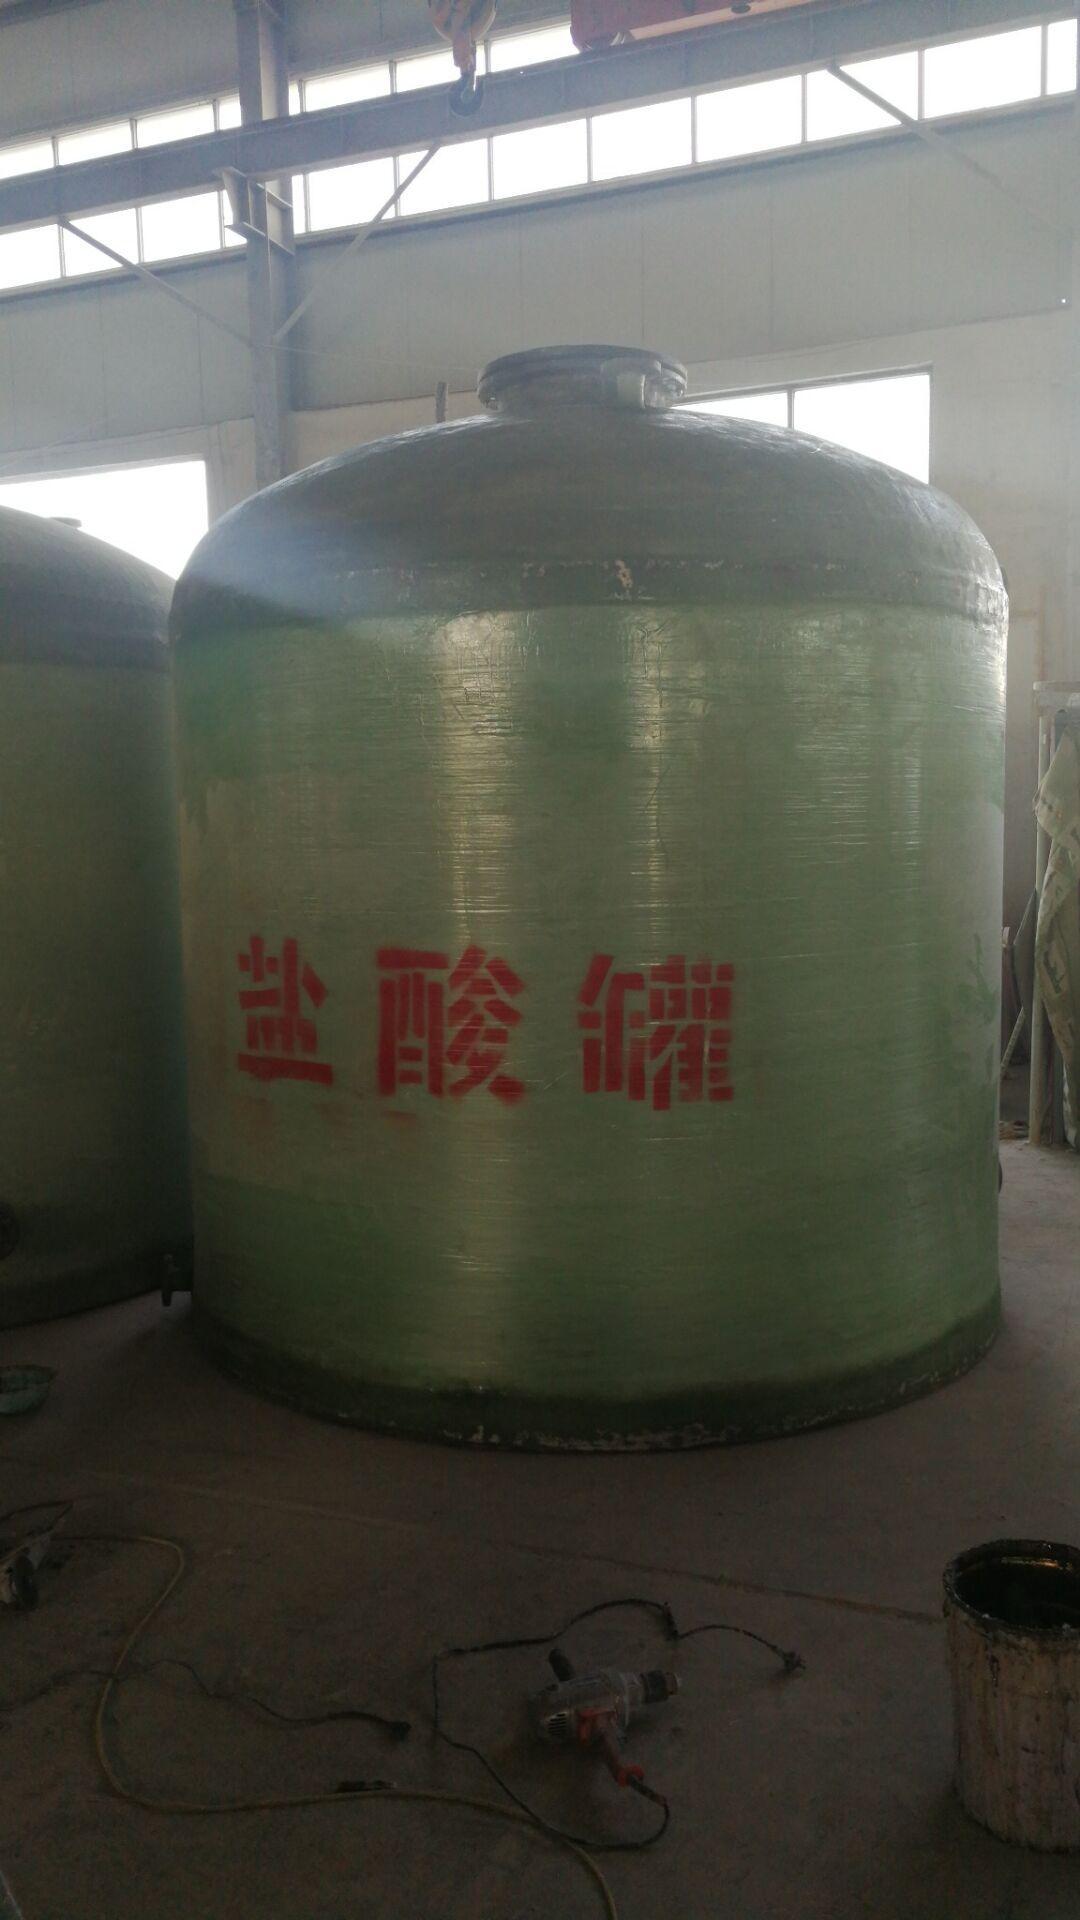 廠家直銷玻璃鋼儲罐玻璃鋼鹽酸化工罐 1